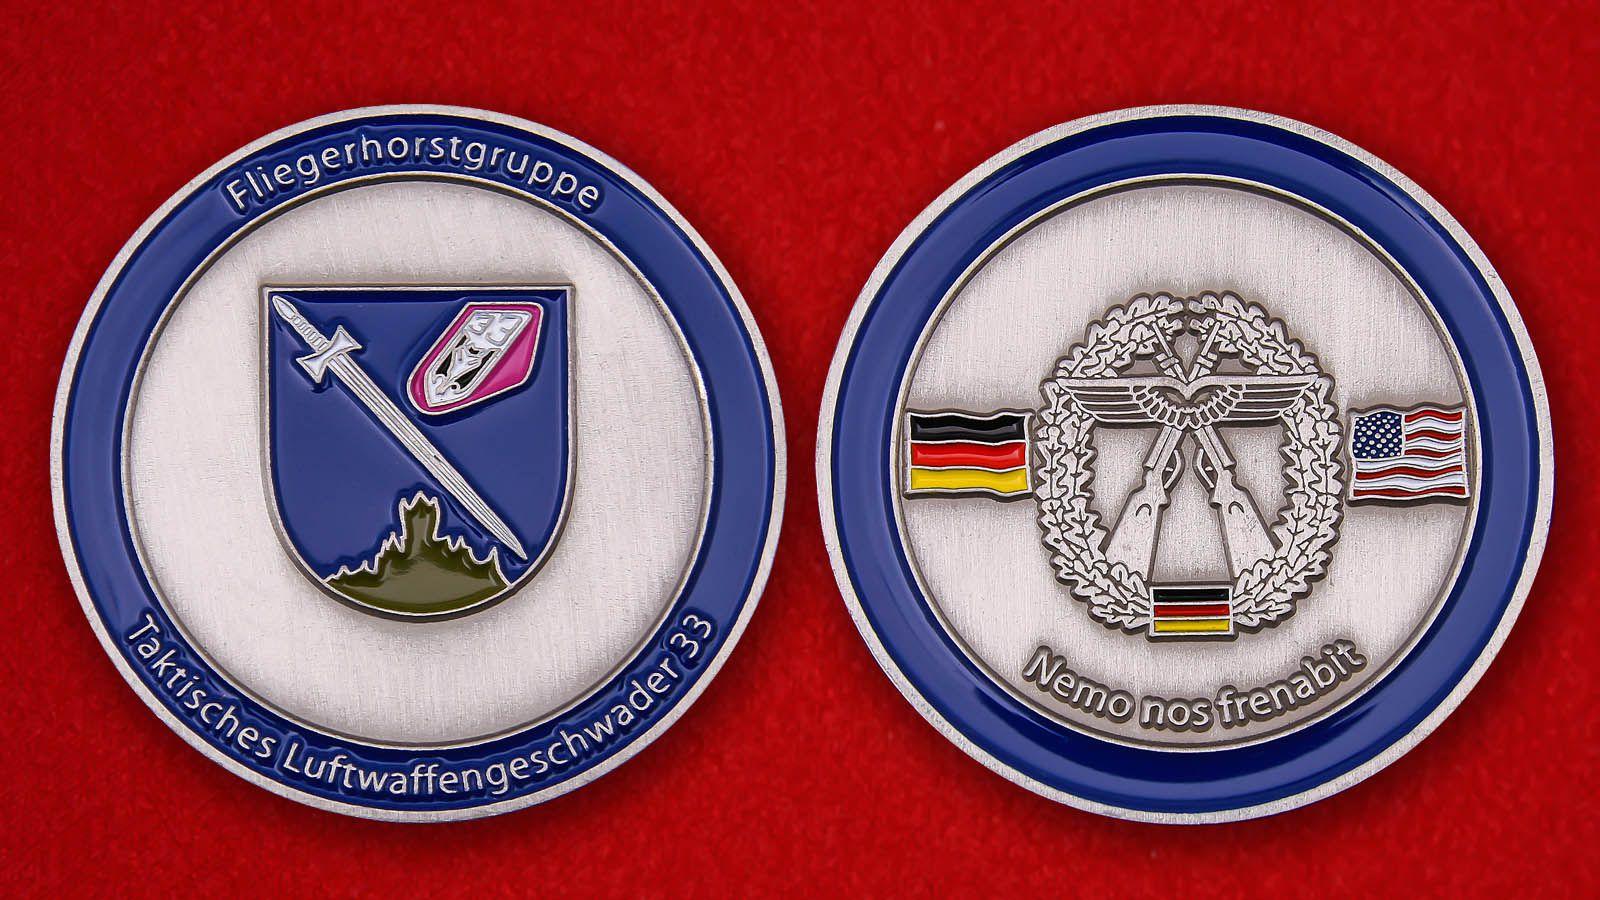 Челлендж коин 33-й тактической эскадрильи ВВС Германии - аверс и реверс